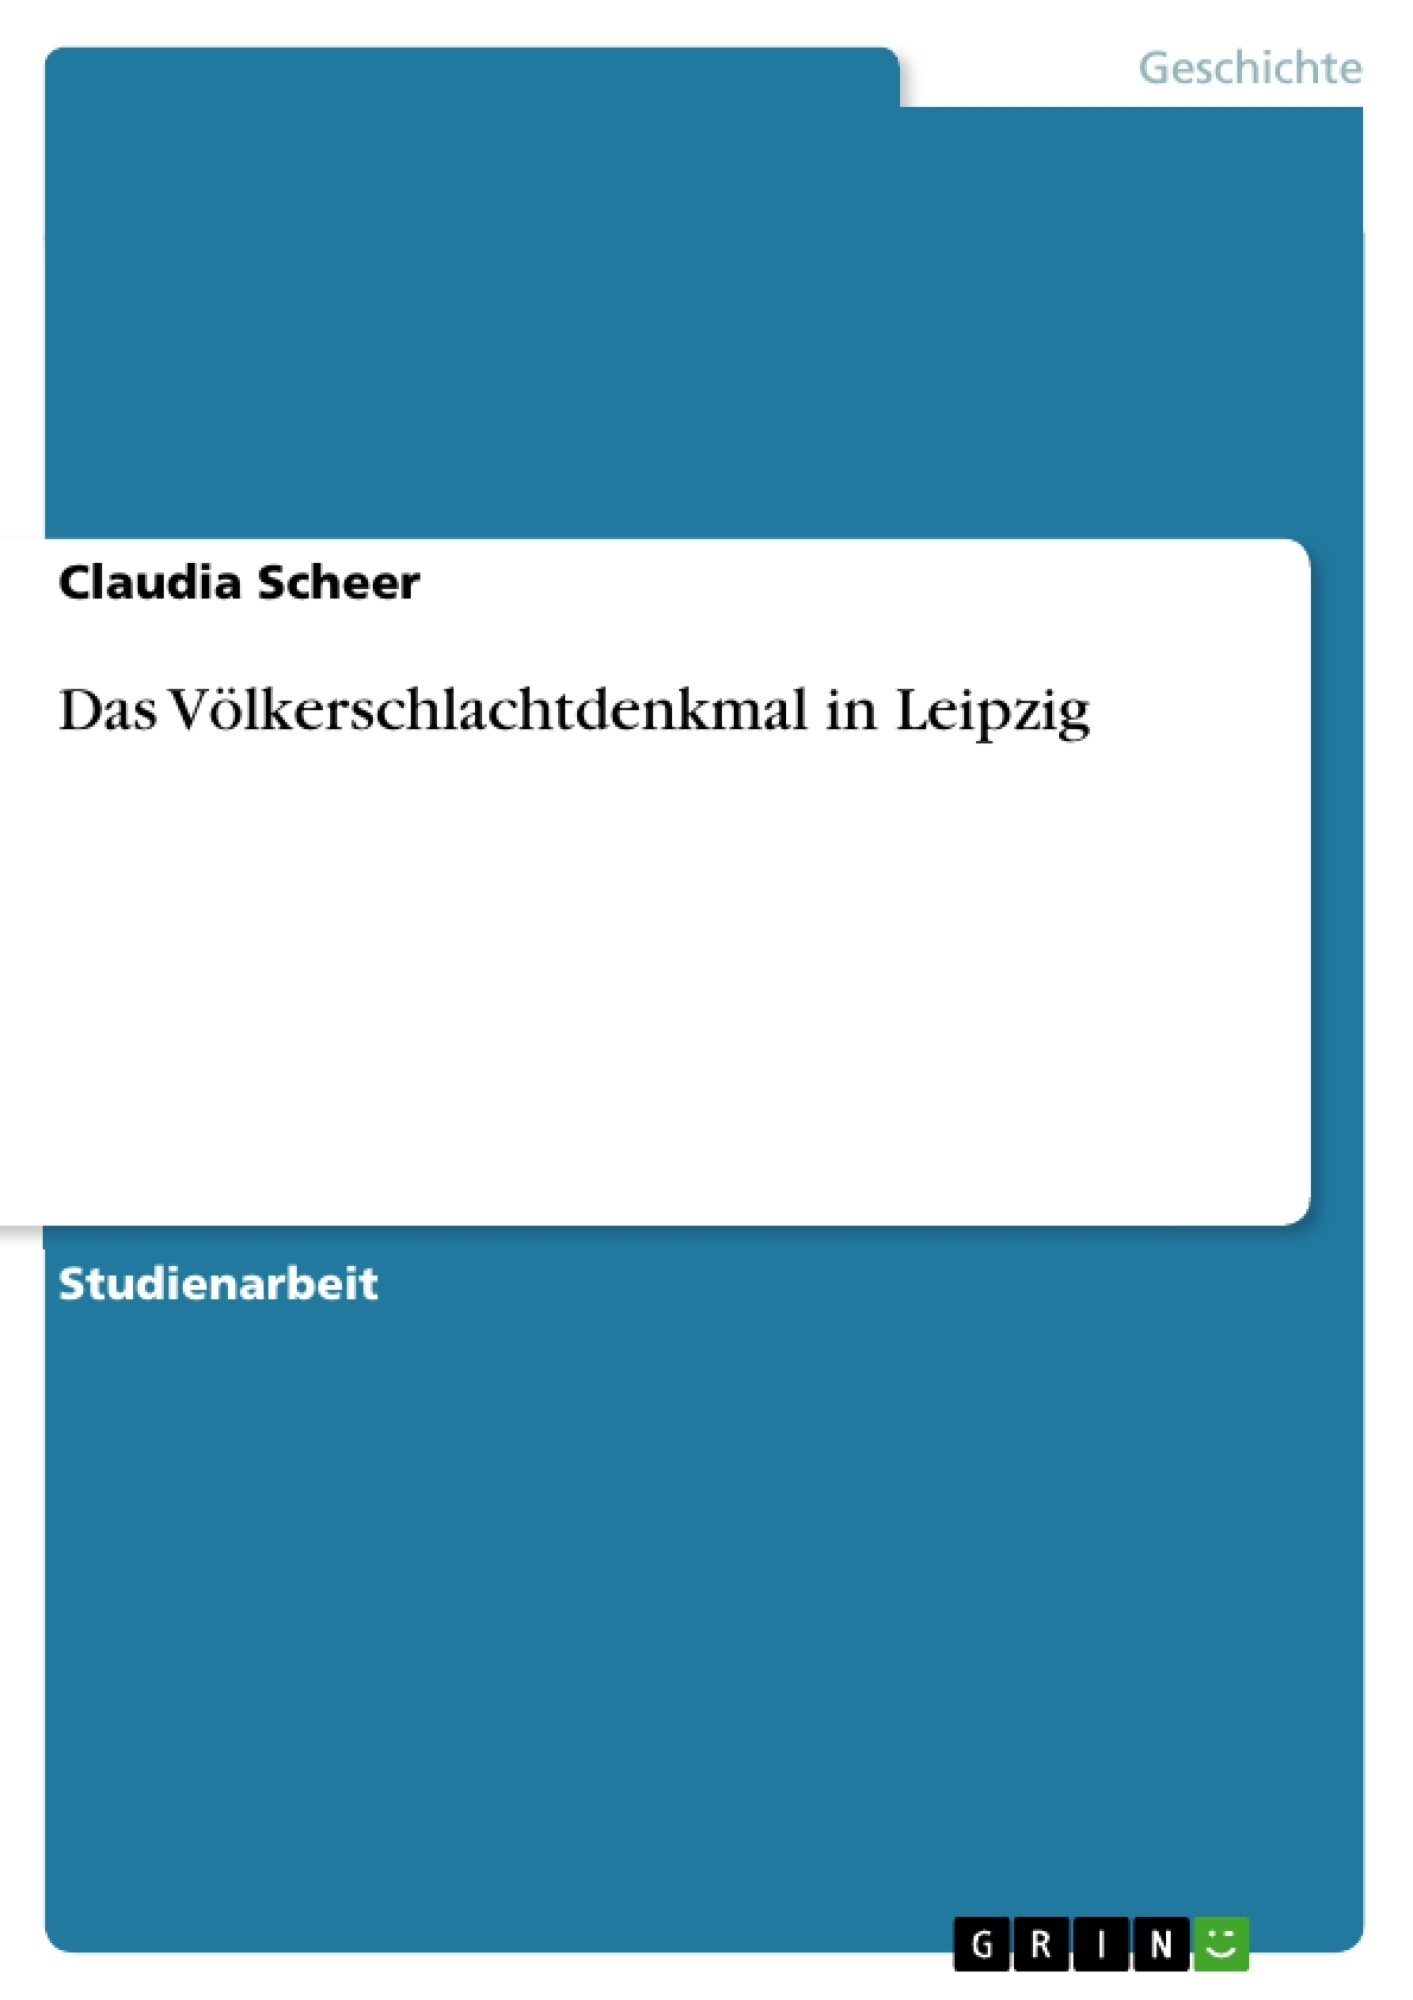 Titel: Das Völkerschlachtdenkmal in Leipzig